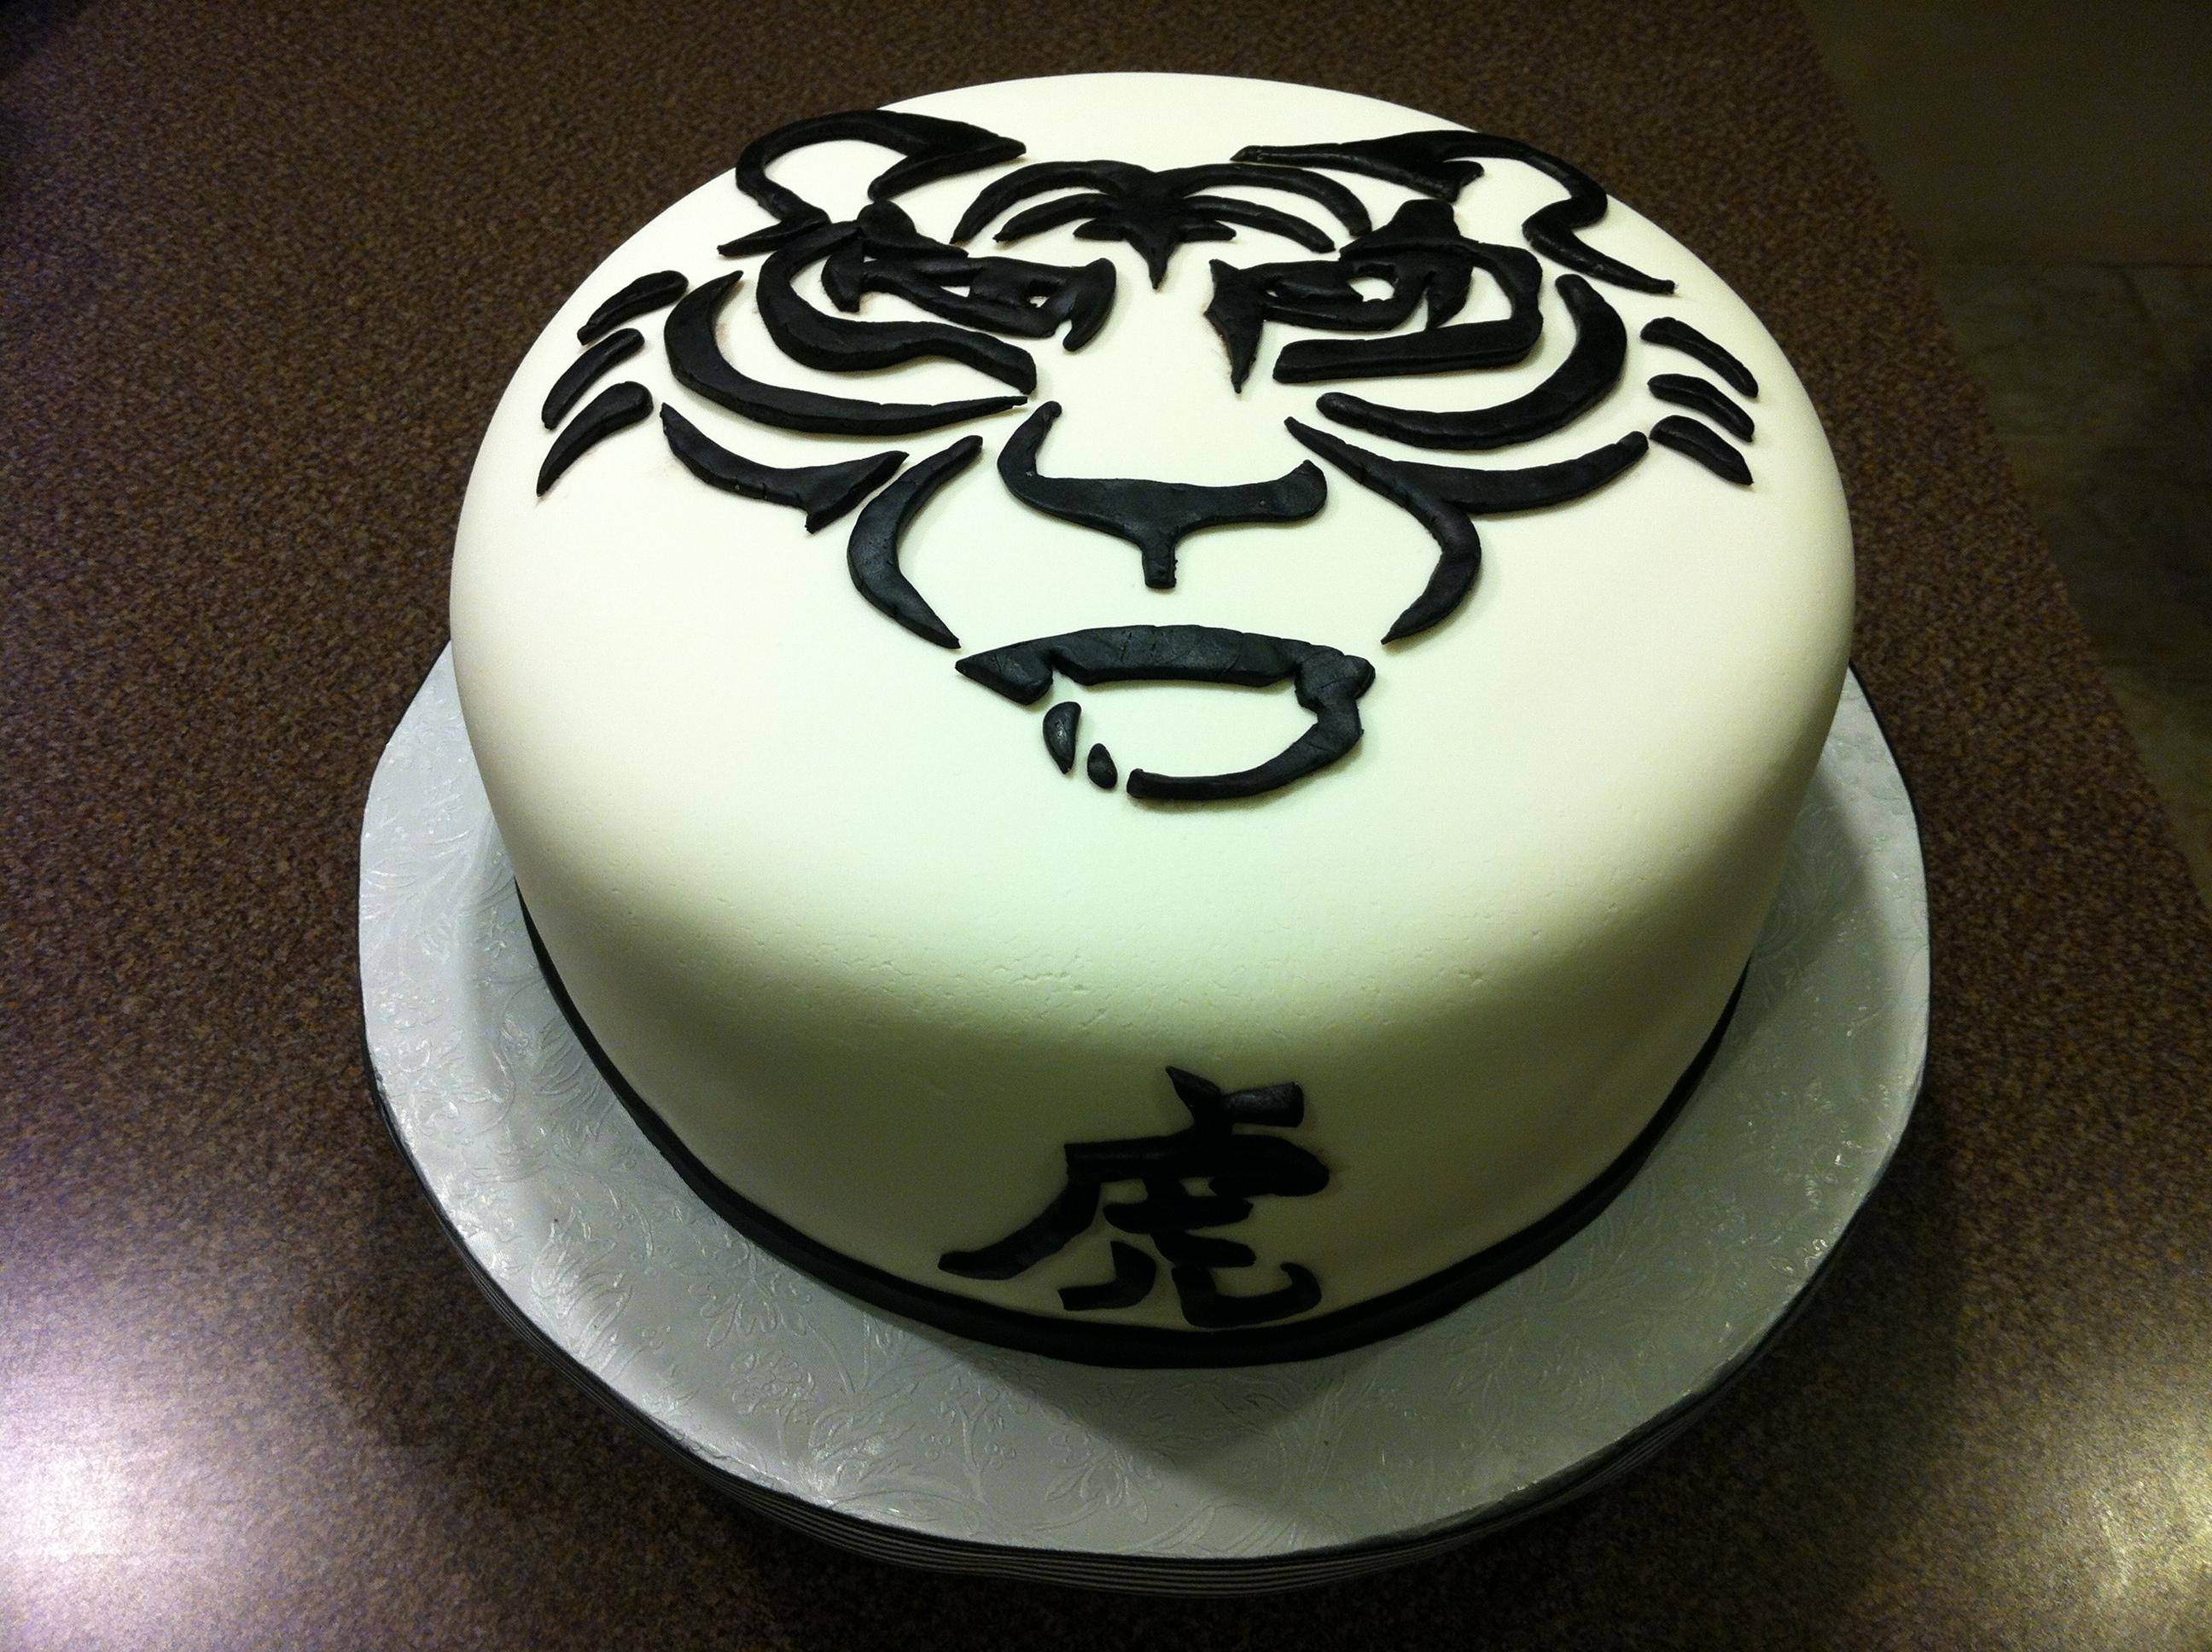 Japanese Tiger Cake